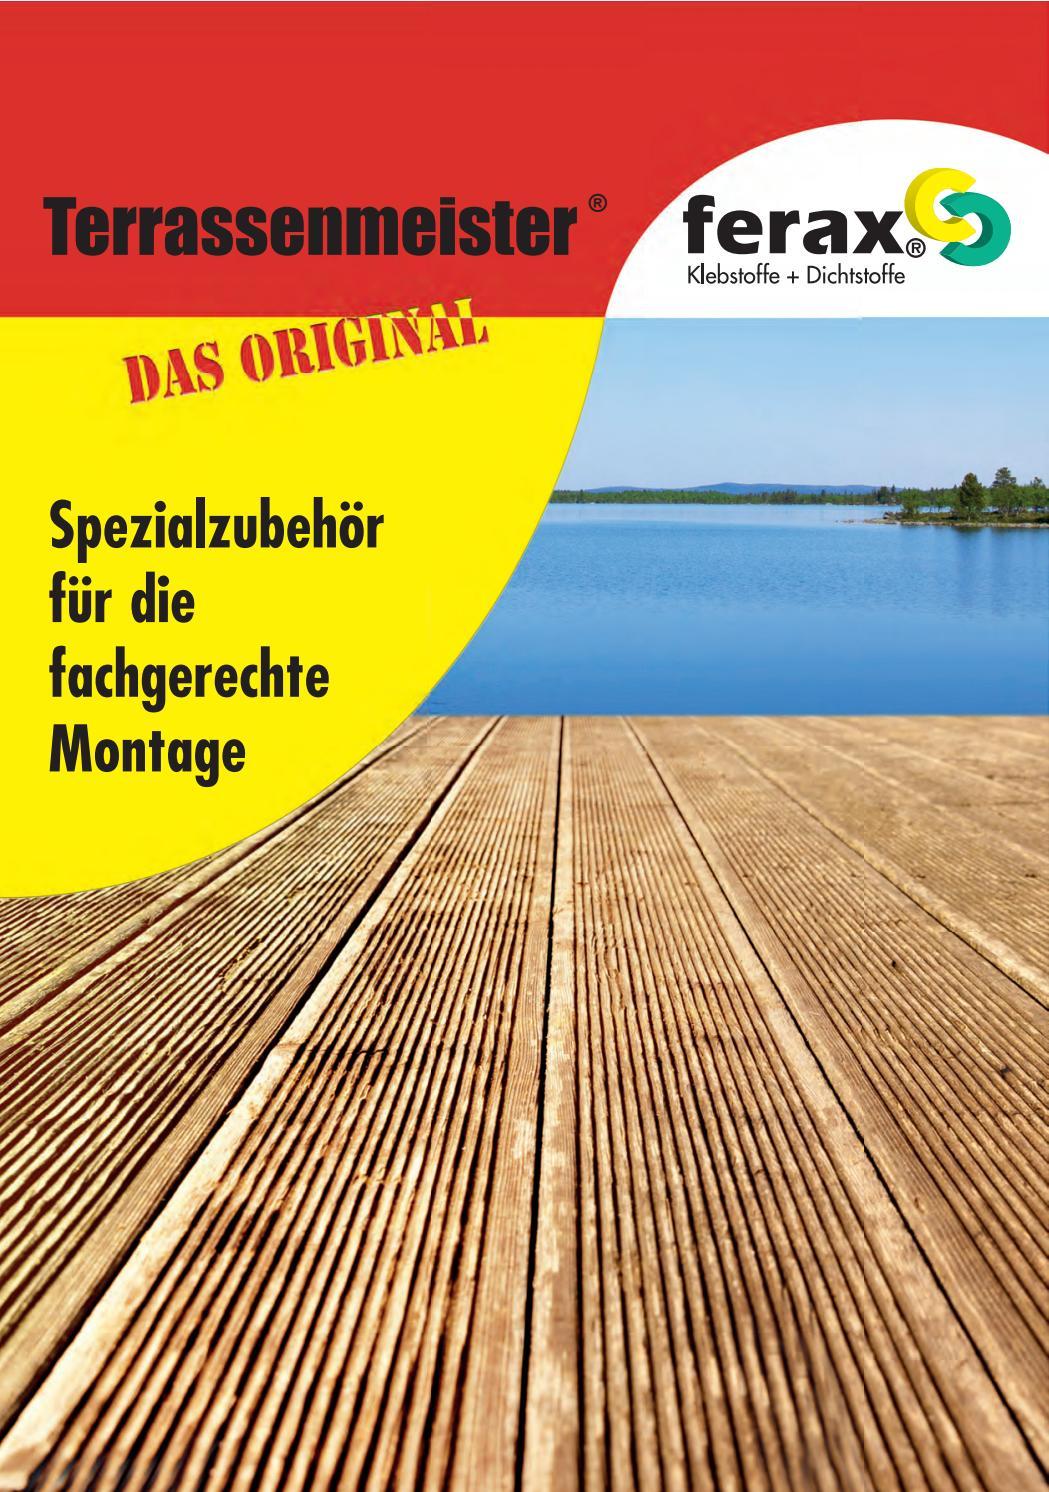 Schrauben 5,5 x 46 mm Alu-BohrFix auch Hart- und Thermoh/ölzer auf Aluminium Holzterrasse Befestigung aller H/ölzer Terrassenmontage SIHGA 200 St/ück